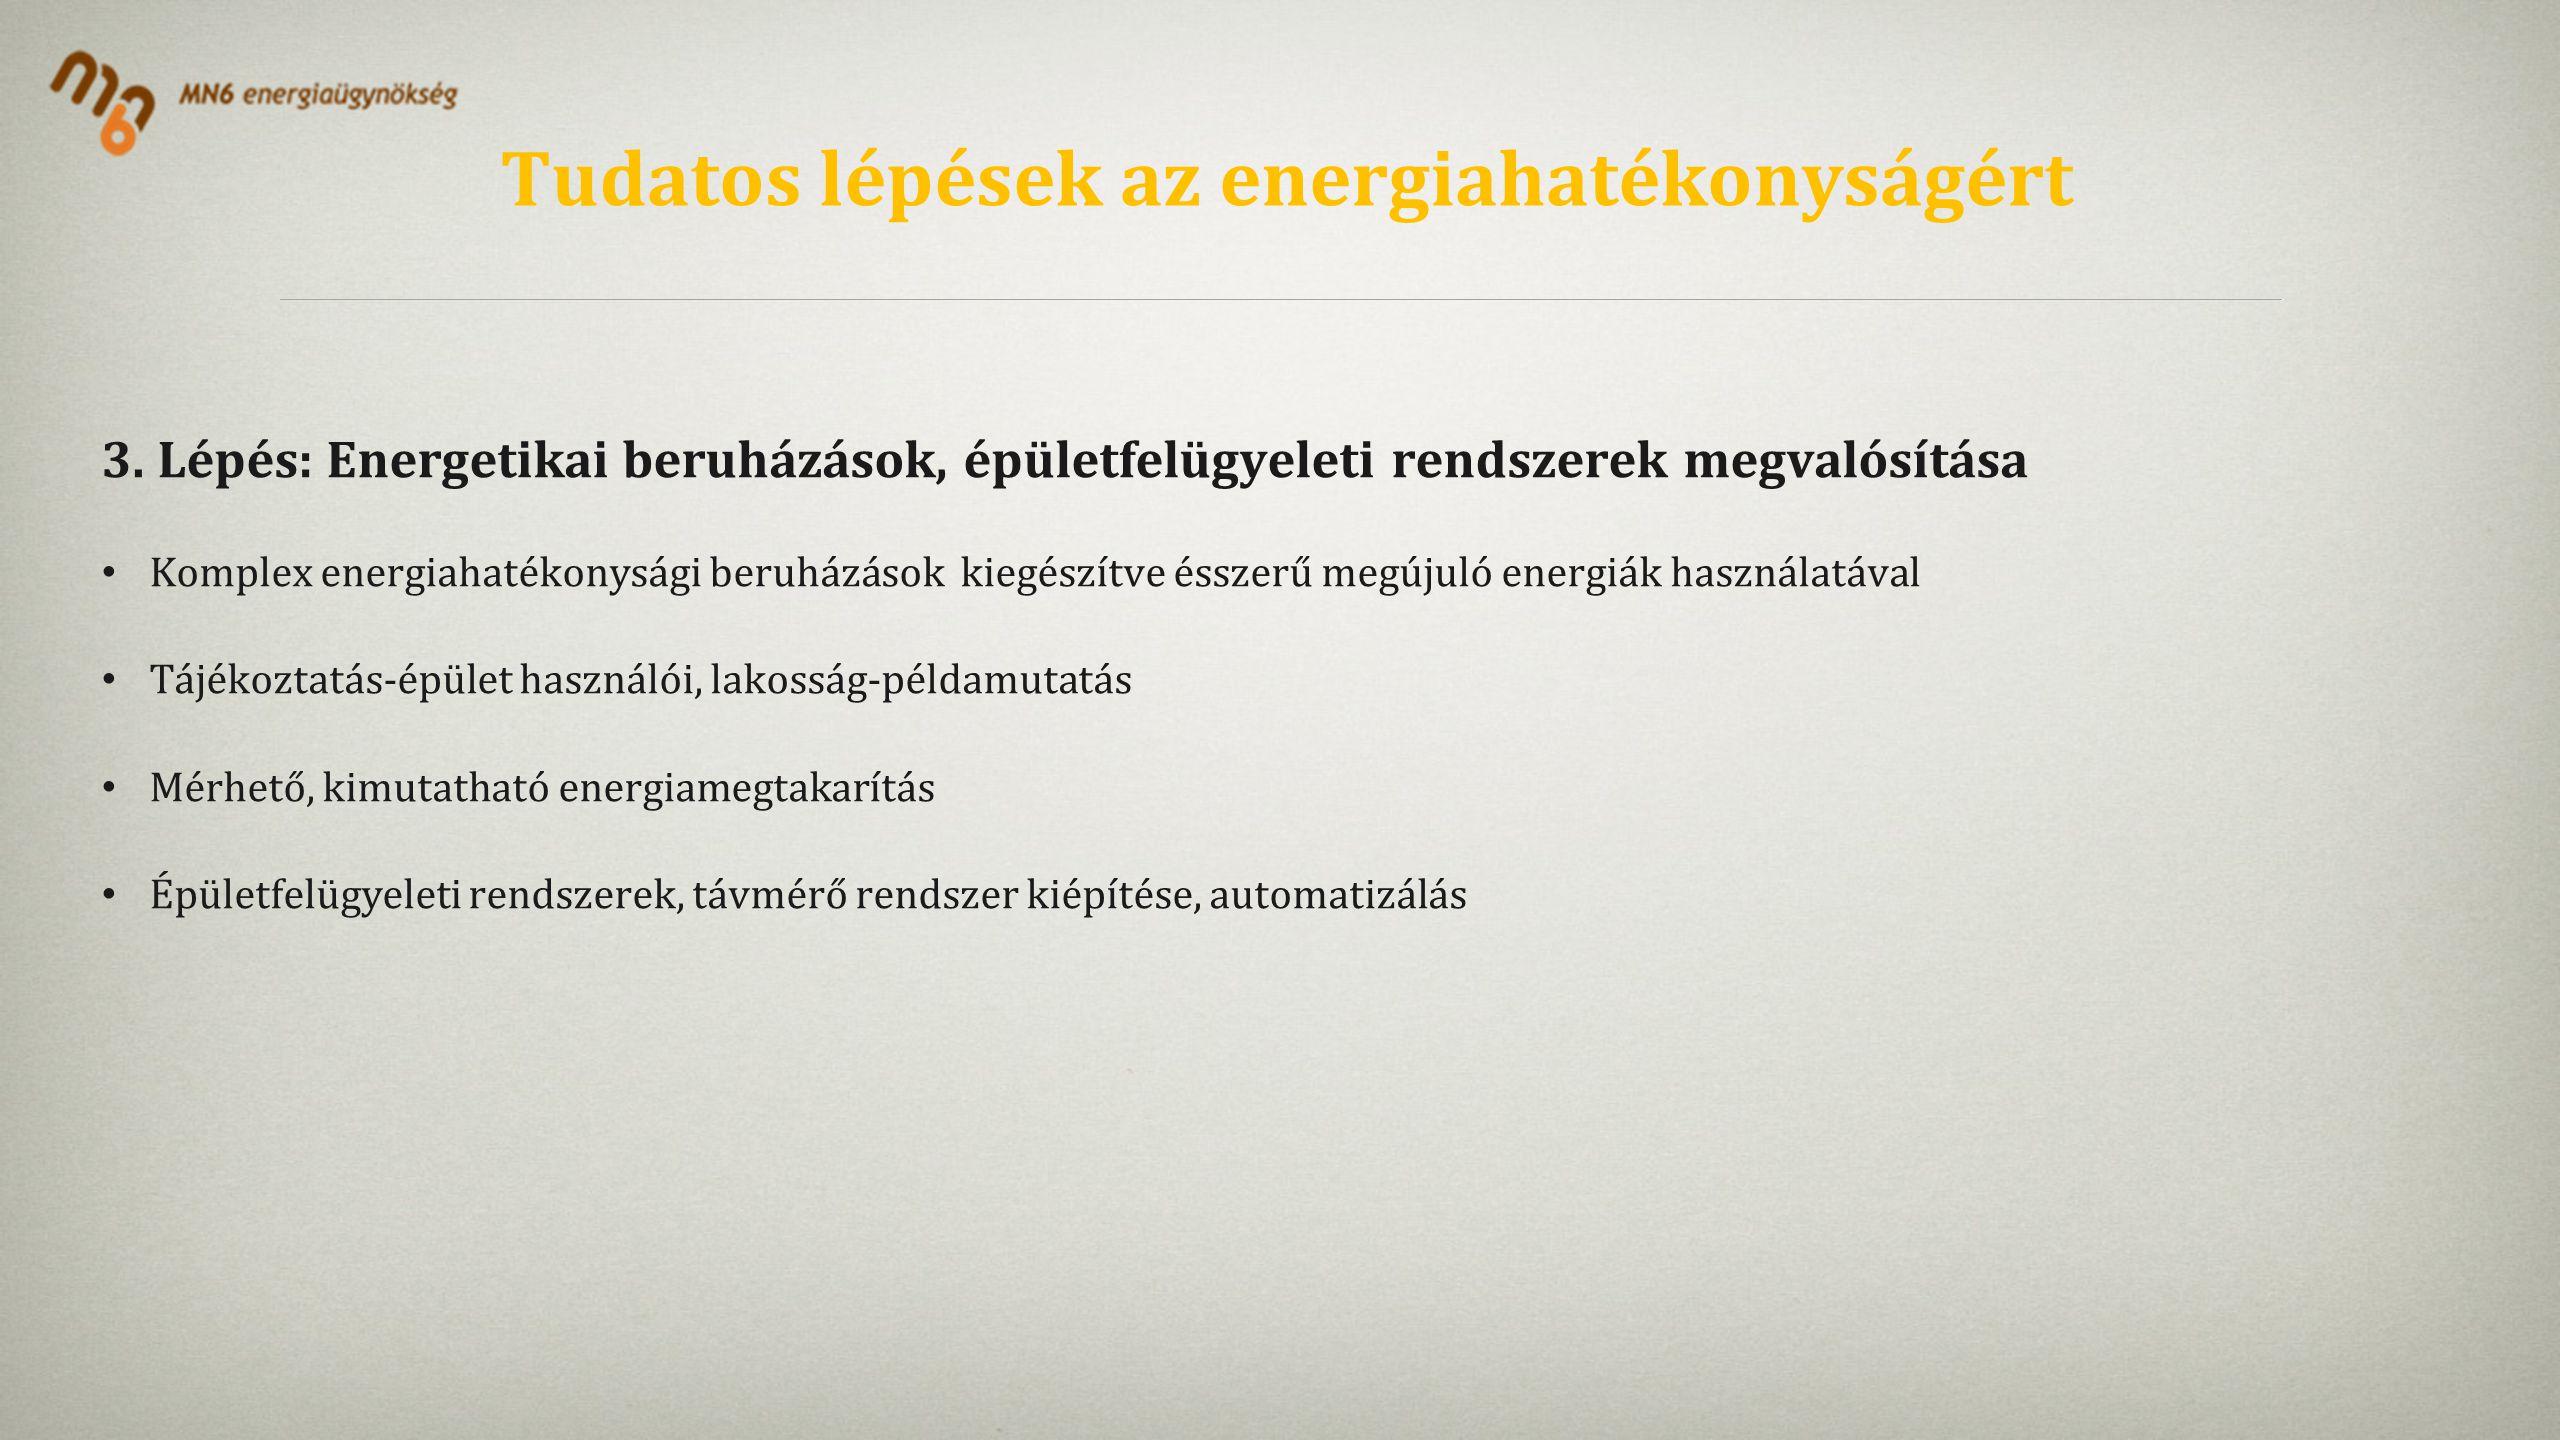 Tudatos lépések az energiahatékonyságért 3.